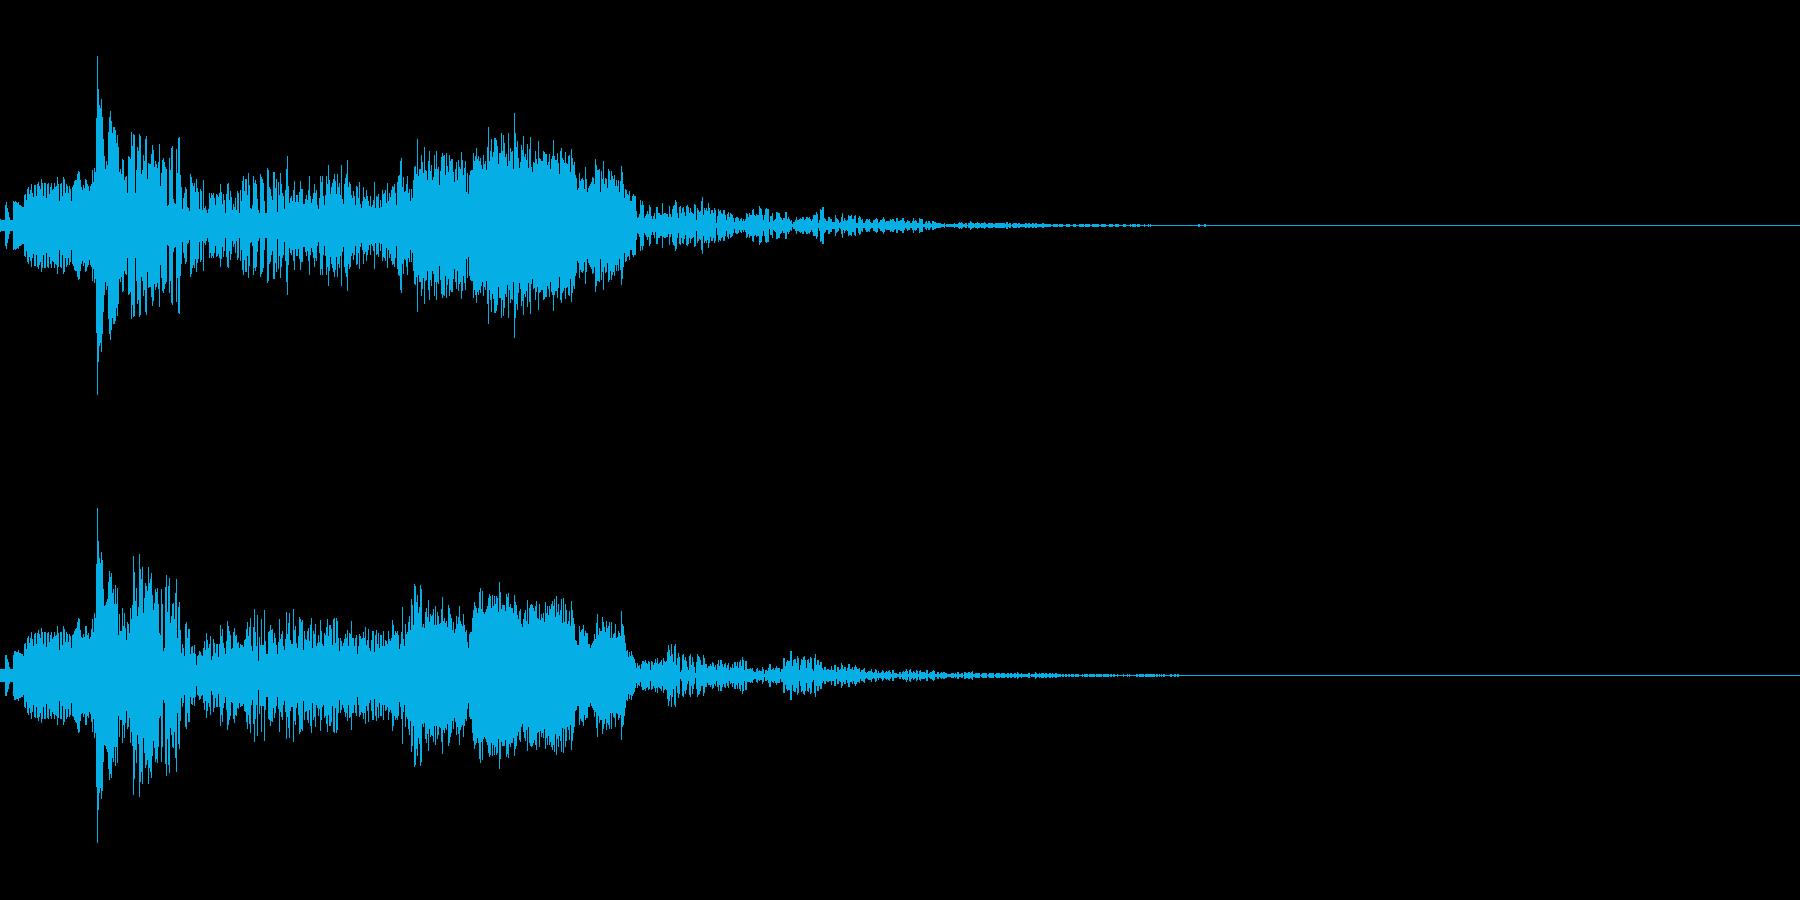 ラジオジングルキット 海外FM風の再生済みの波形